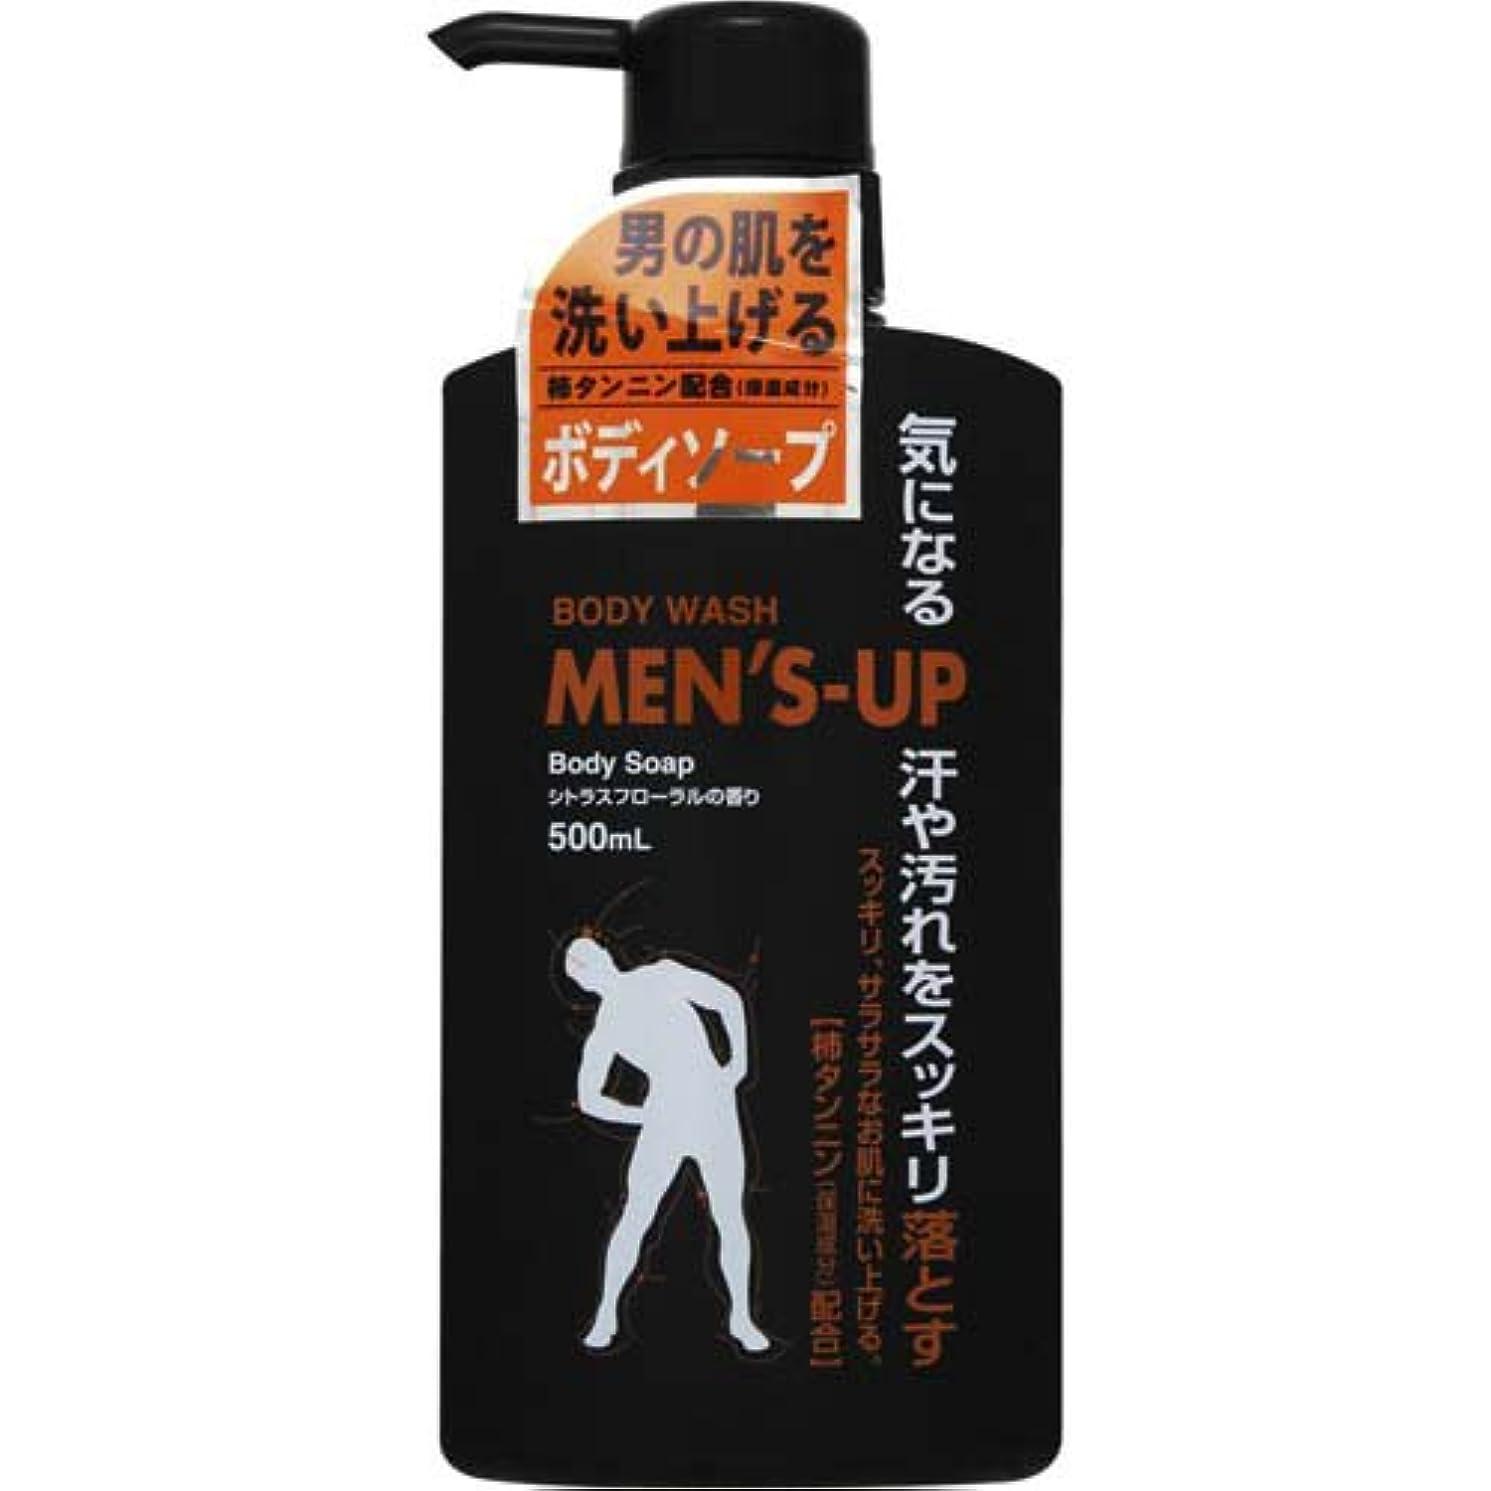 テンポお肉小康MEN'S-UP(メンズアップ) ボディーソープ 本体 500ml